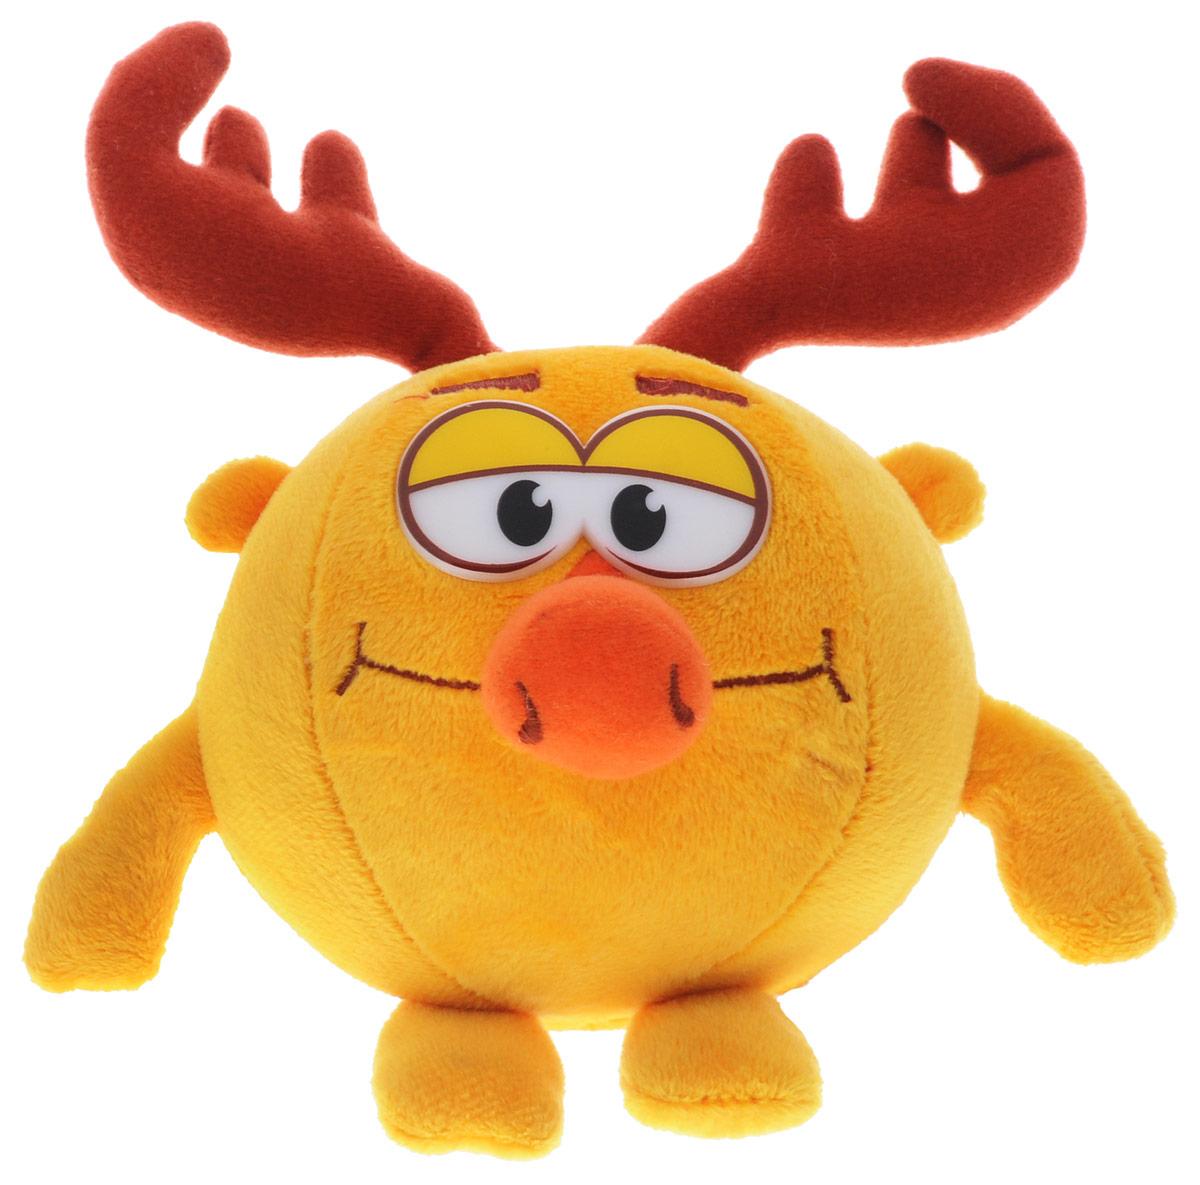 Мульти-Пульти Мягкая озвученная игрушка Смешарики Лосяш 10 смSF1401_ЛосяшМягкая озвученная игрушка Мульти-Пульти Смешарики. Лосяш подарит вашему ребенку много радости и веселья! При нажатии кнопки, расположенной на лапке Лосяша, он говорит несколько фраз и забавно смеется. Лосяш - умный и несколько упрямый лось-ученый, который хорошо знает астрономию, биологию, химию, физику, интересуется и другими науками. У него дома огромная библиотека. Когда он читает, любит поесть. Из-за чрезмерной увлеченности Лосяша в его доме страшный беспорядок. Игрушка работает от незаменяемых батареек.